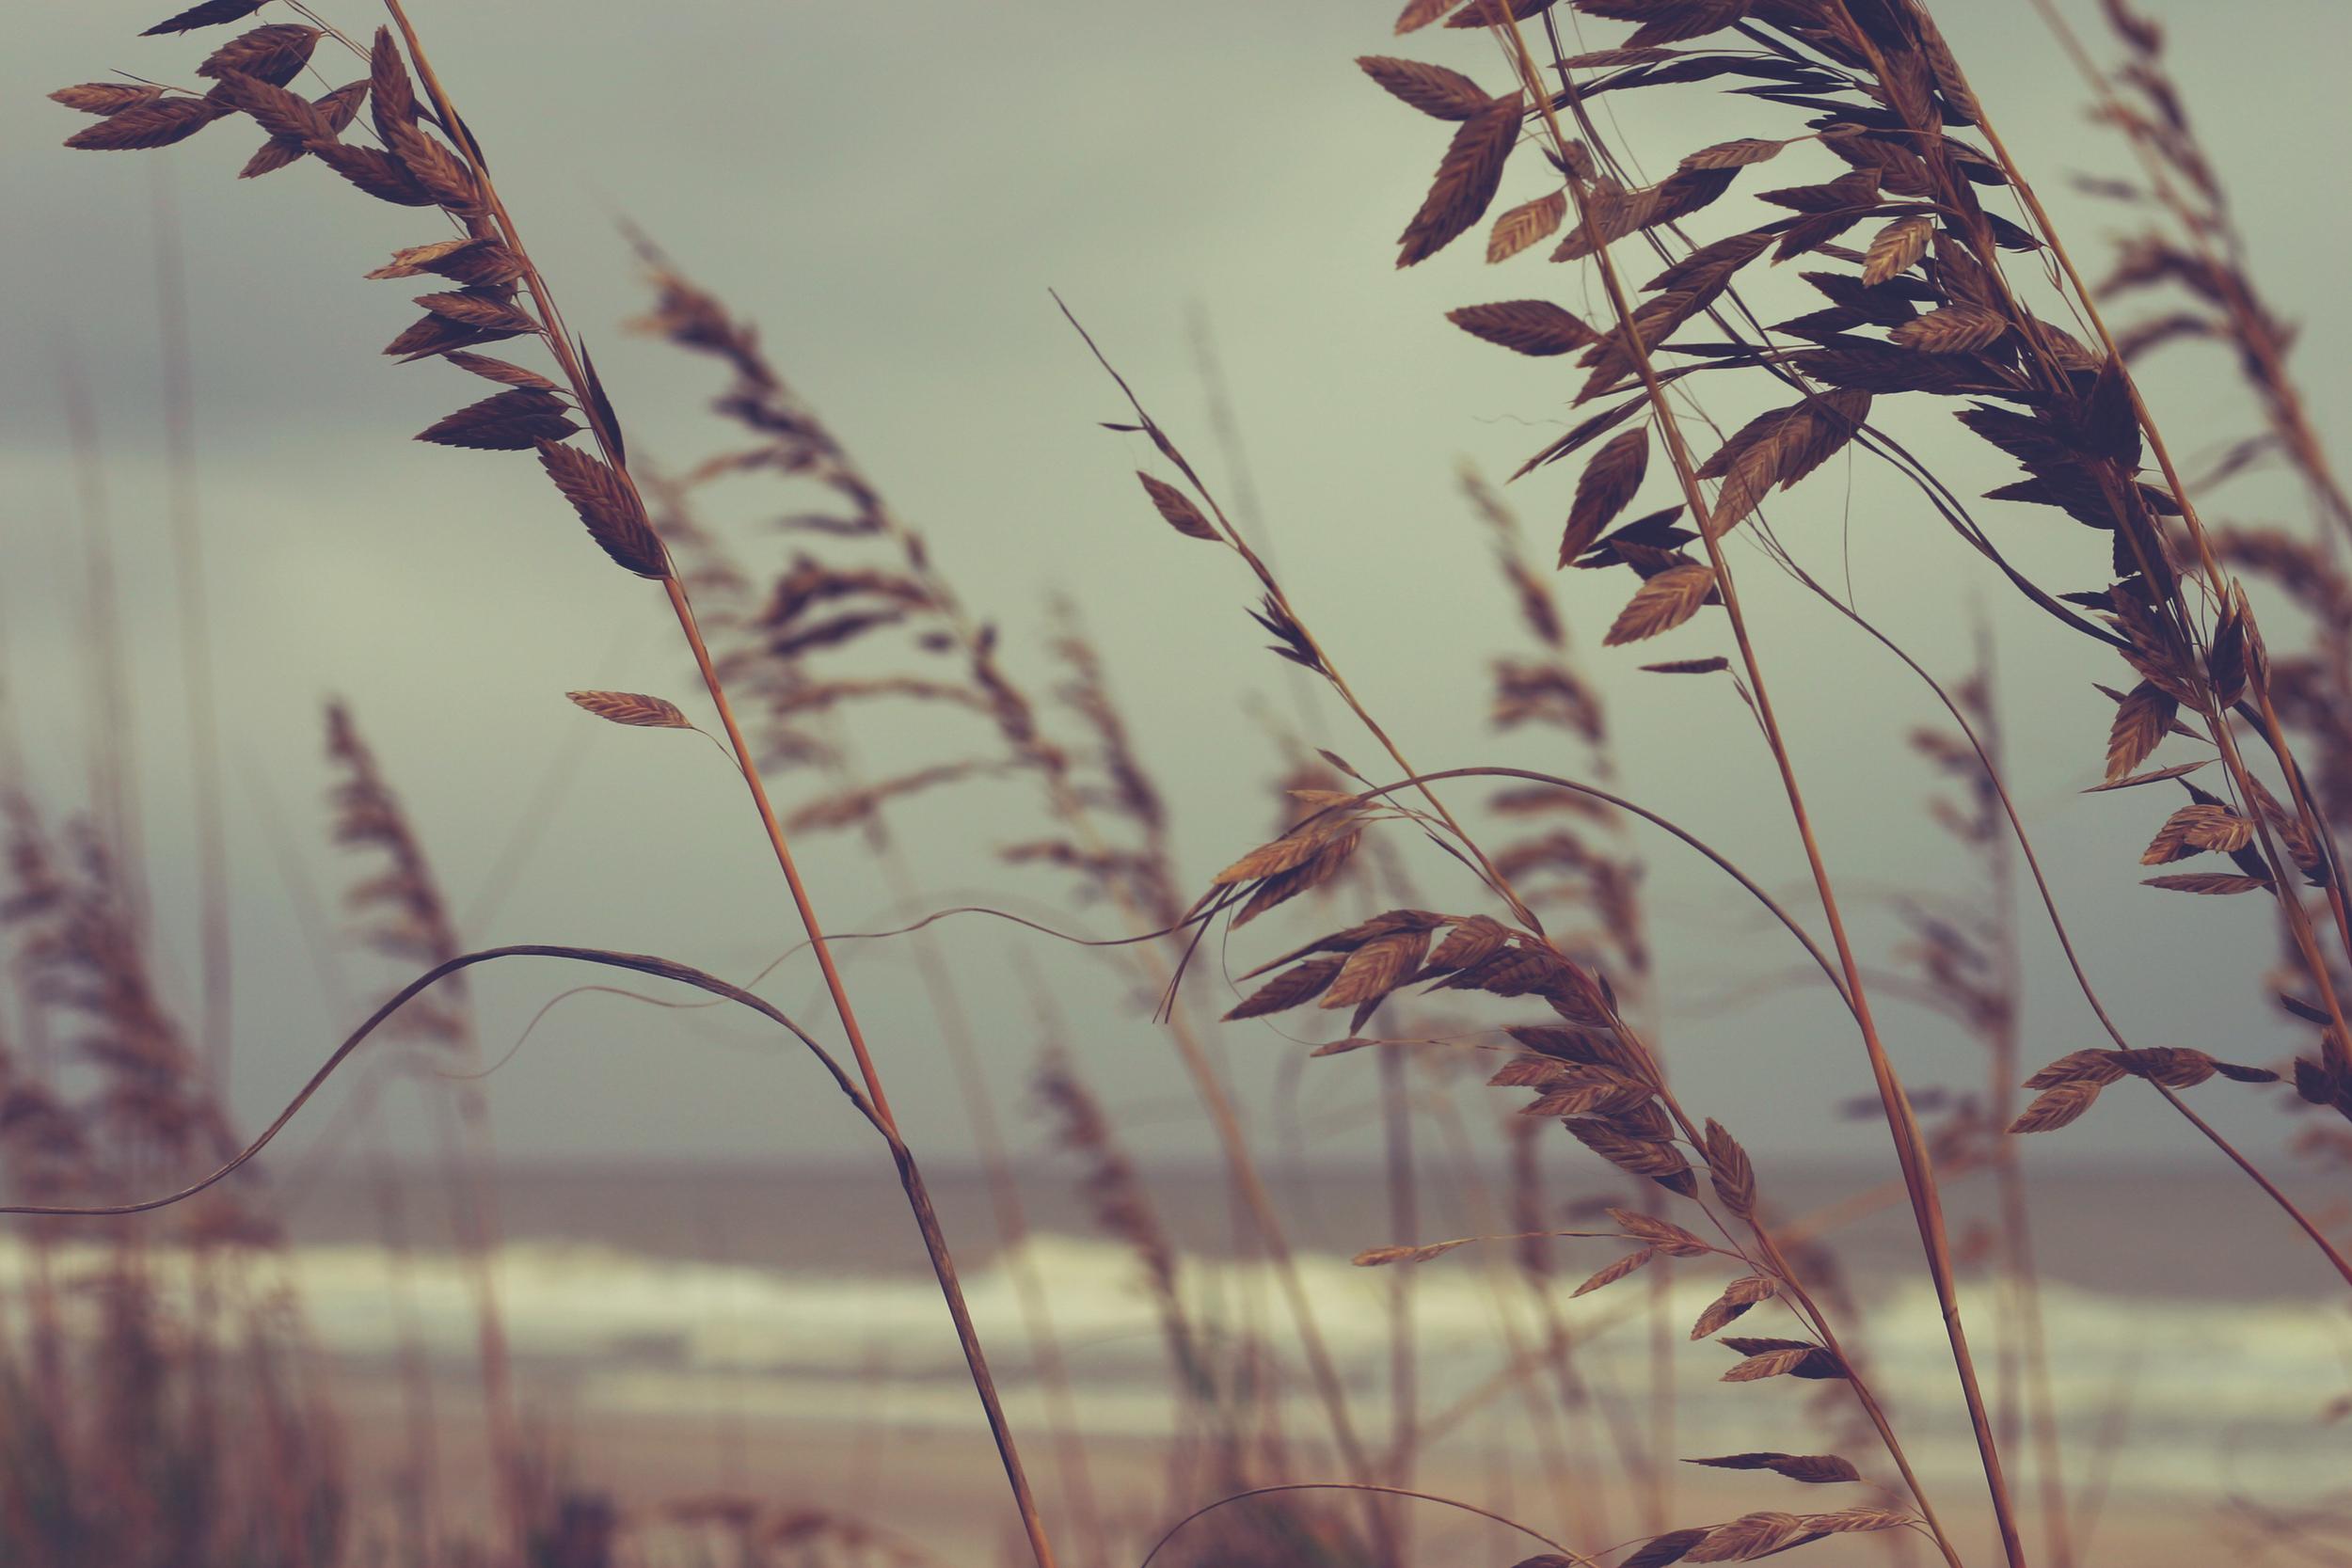 leaves in the wind.jpg